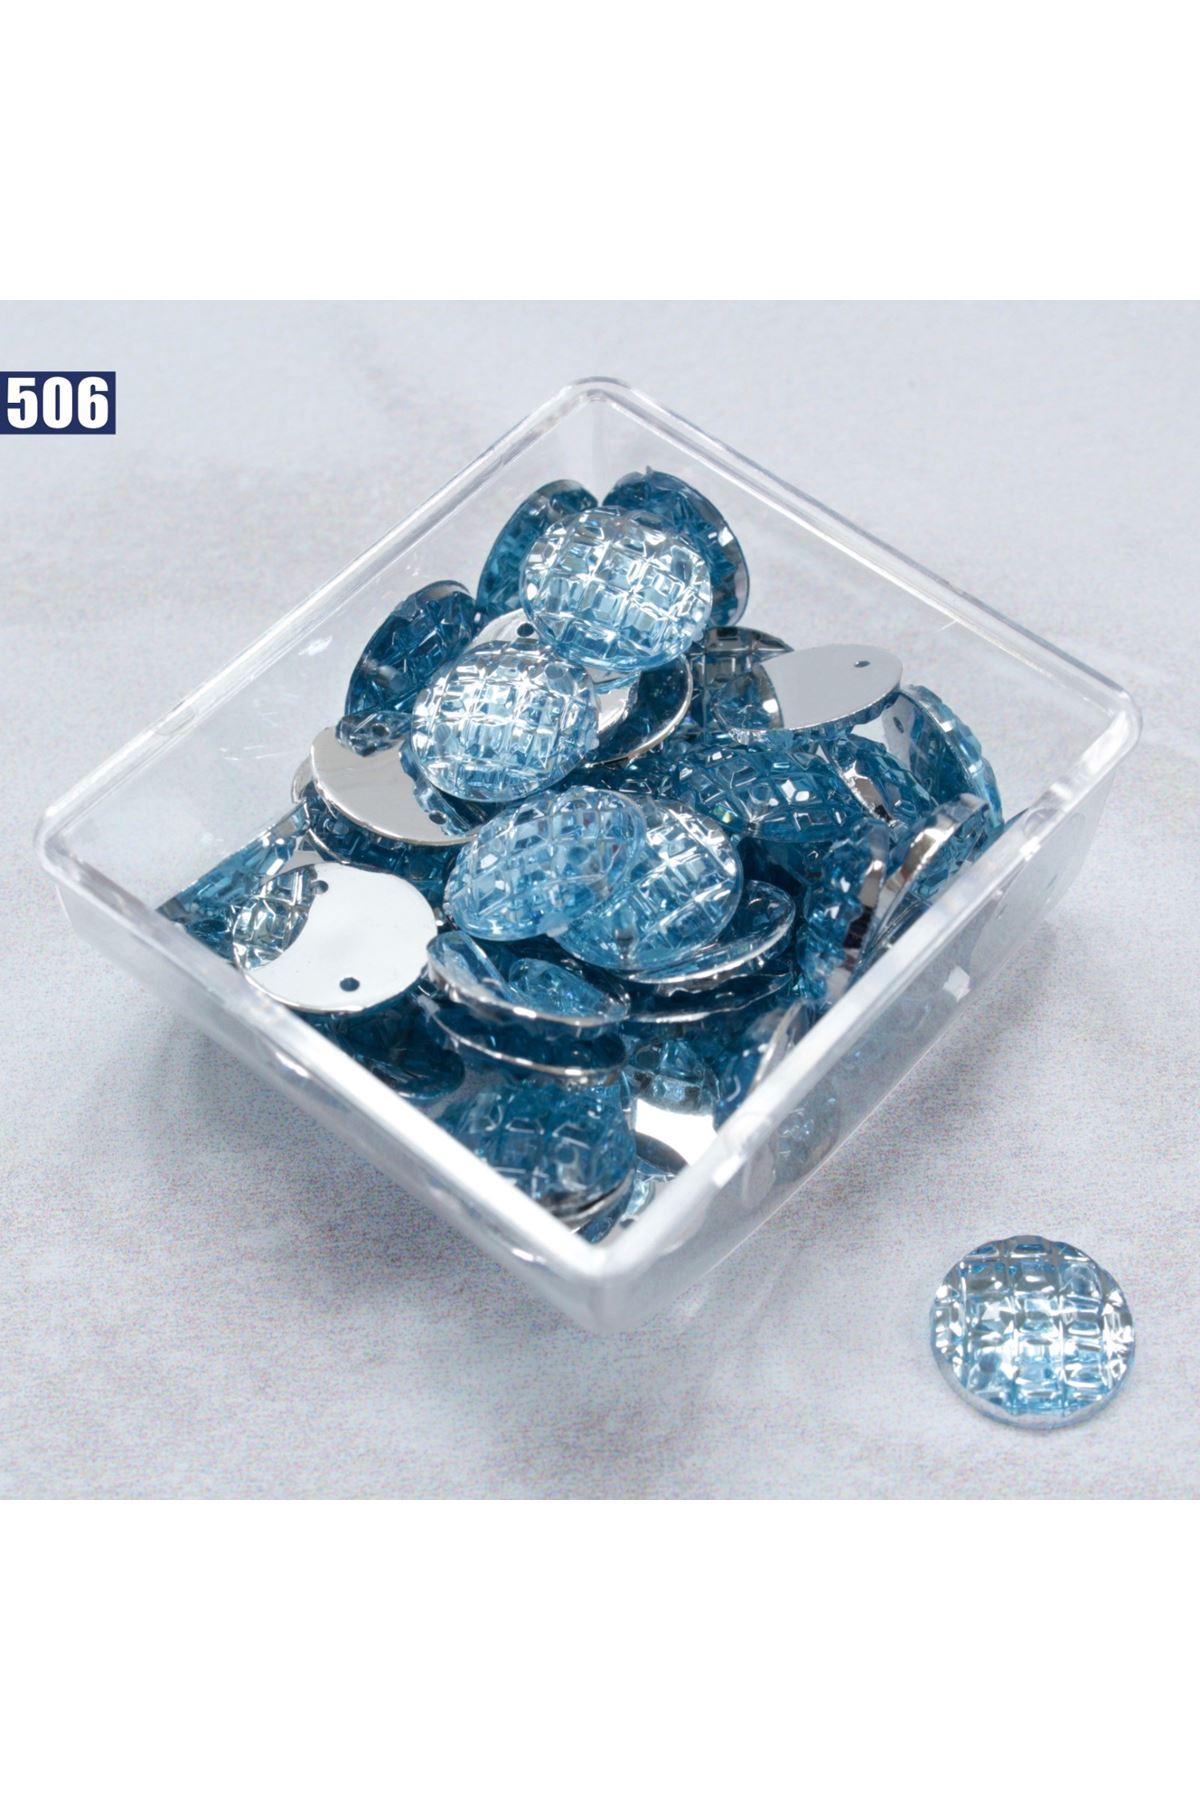 Boncuk 10 gram -506